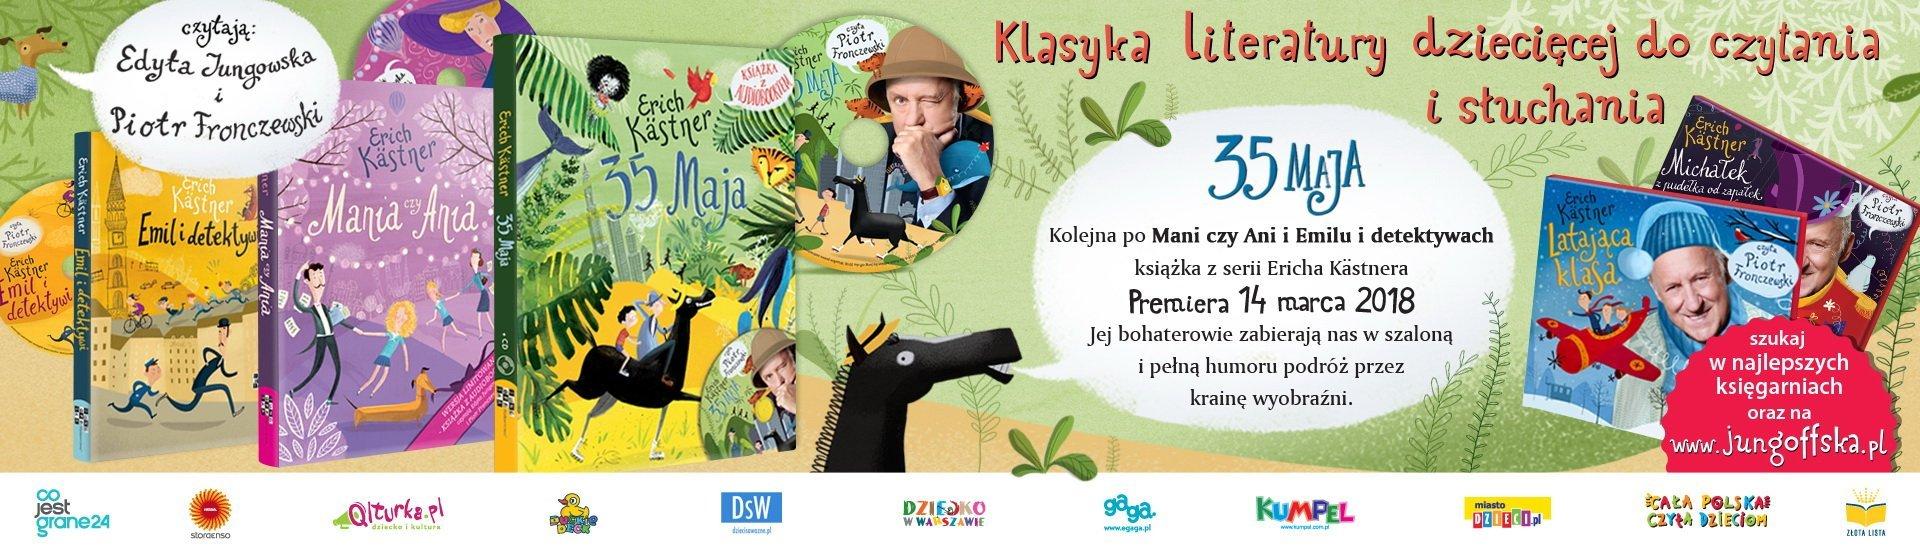 35 maja książka dla dzieci